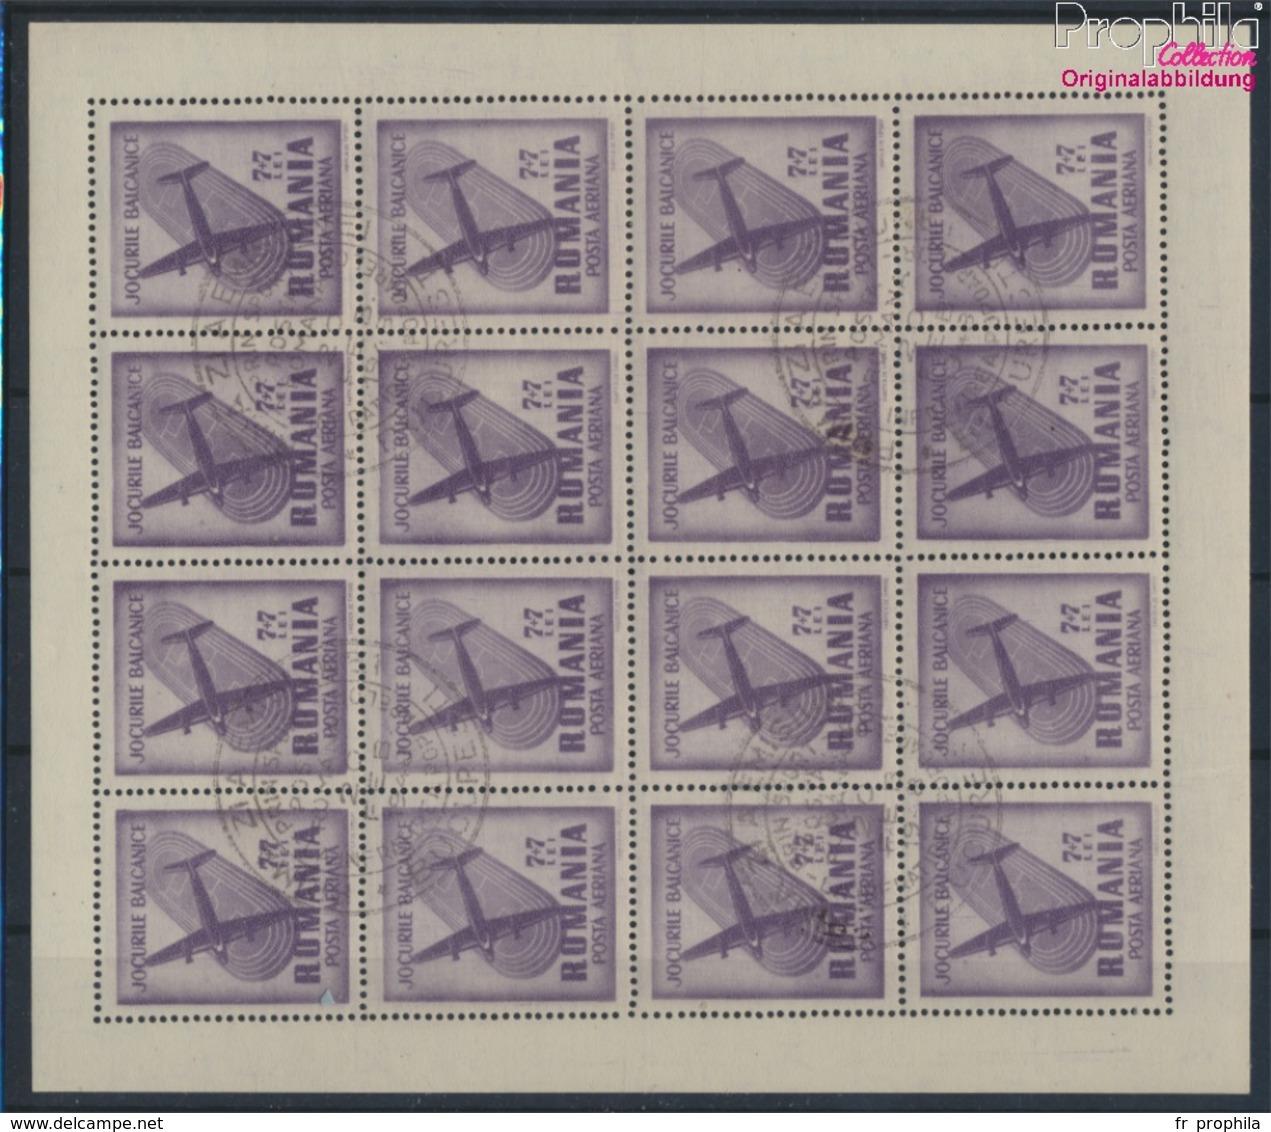 Roumanie 1099Klb Feuille Miniature Oblitéré 1948 Balkans Jeux (9371797 (9371797 - Gebraucht